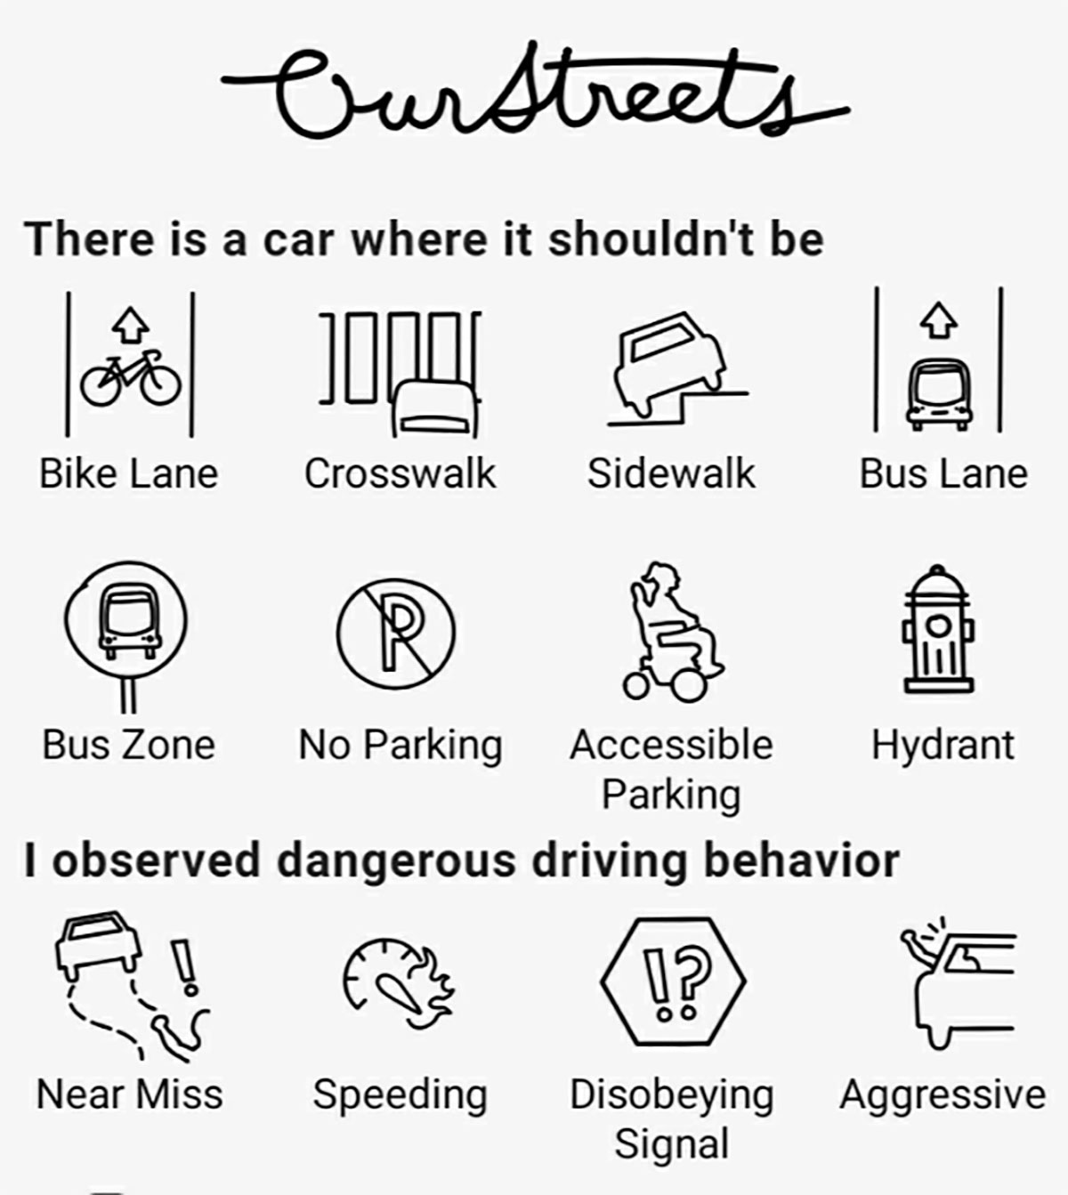 OurStreets, una App para denunciar a conductores poco cívicos en la carretera